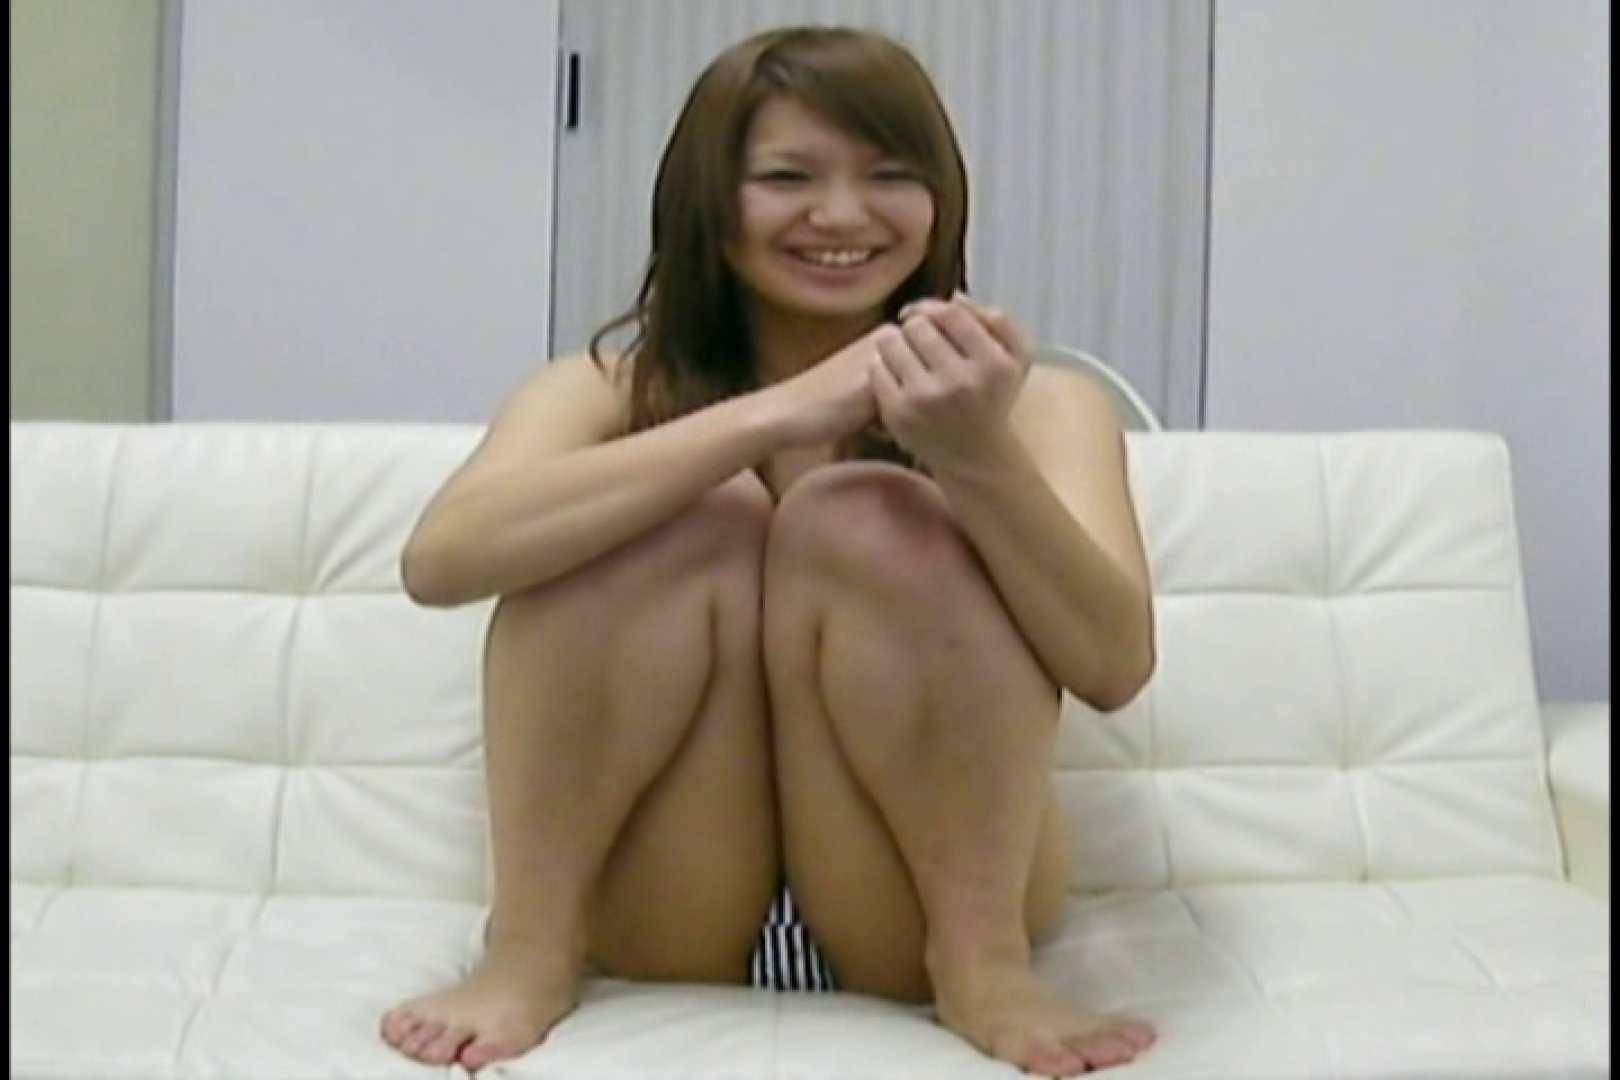 素人撮影 下着だけの撮影のはずが・・・ ゆな20歳 Hなお姉さん | おっぱい  52pic 22